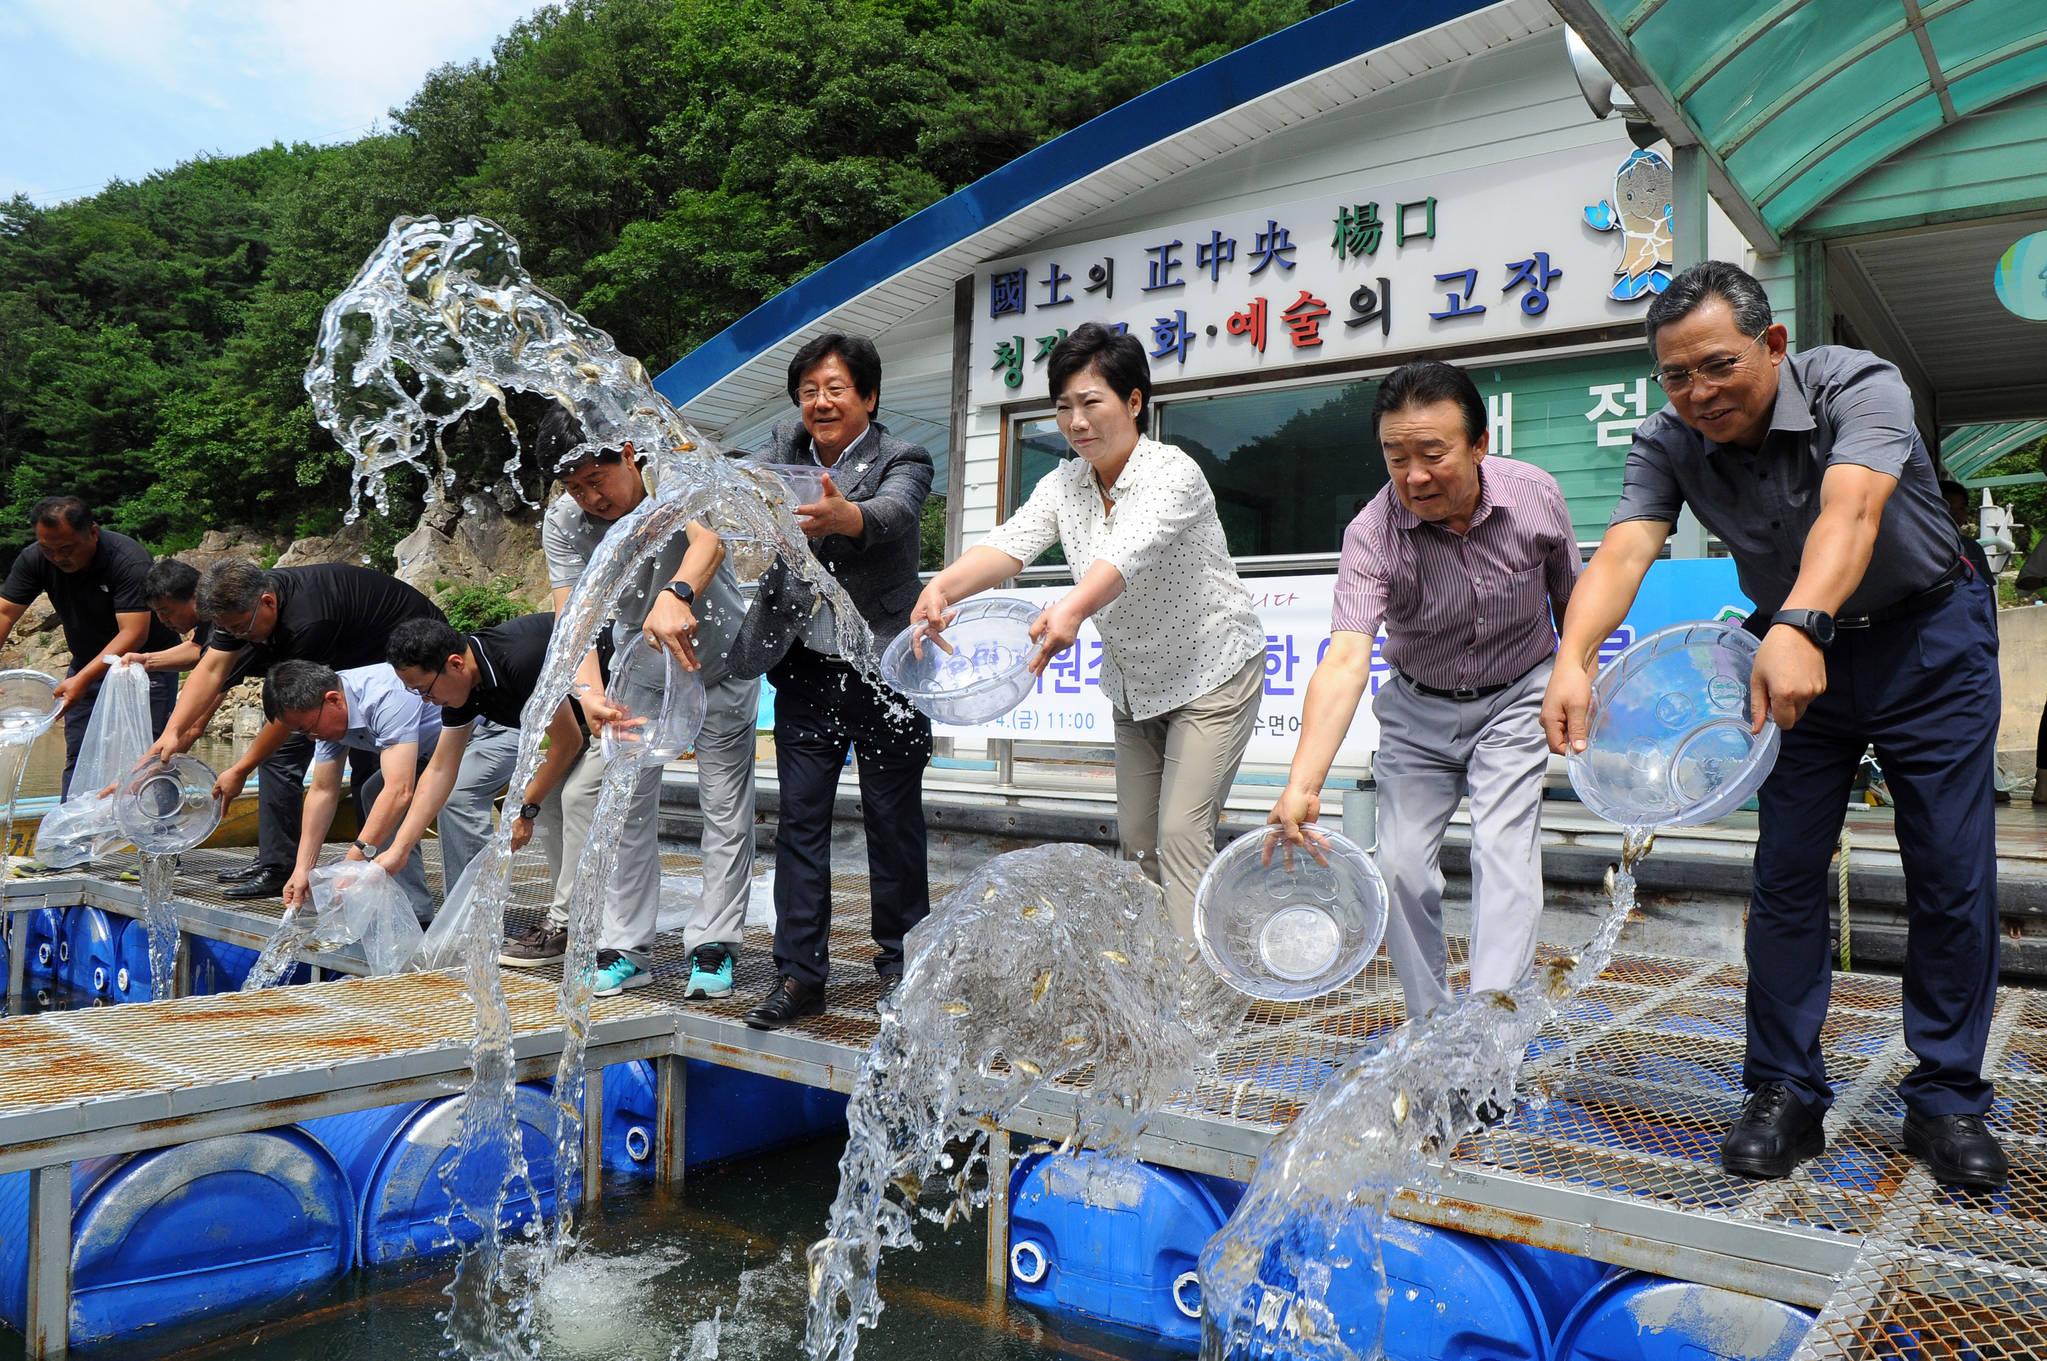 지난해 8월 4일 강원 양구군 양구선착장에서 어린 뱀장어와 쏘가리를 소양호에 방류하는 행사가 열리고 있다. [양구군 제공=연합뉴스]